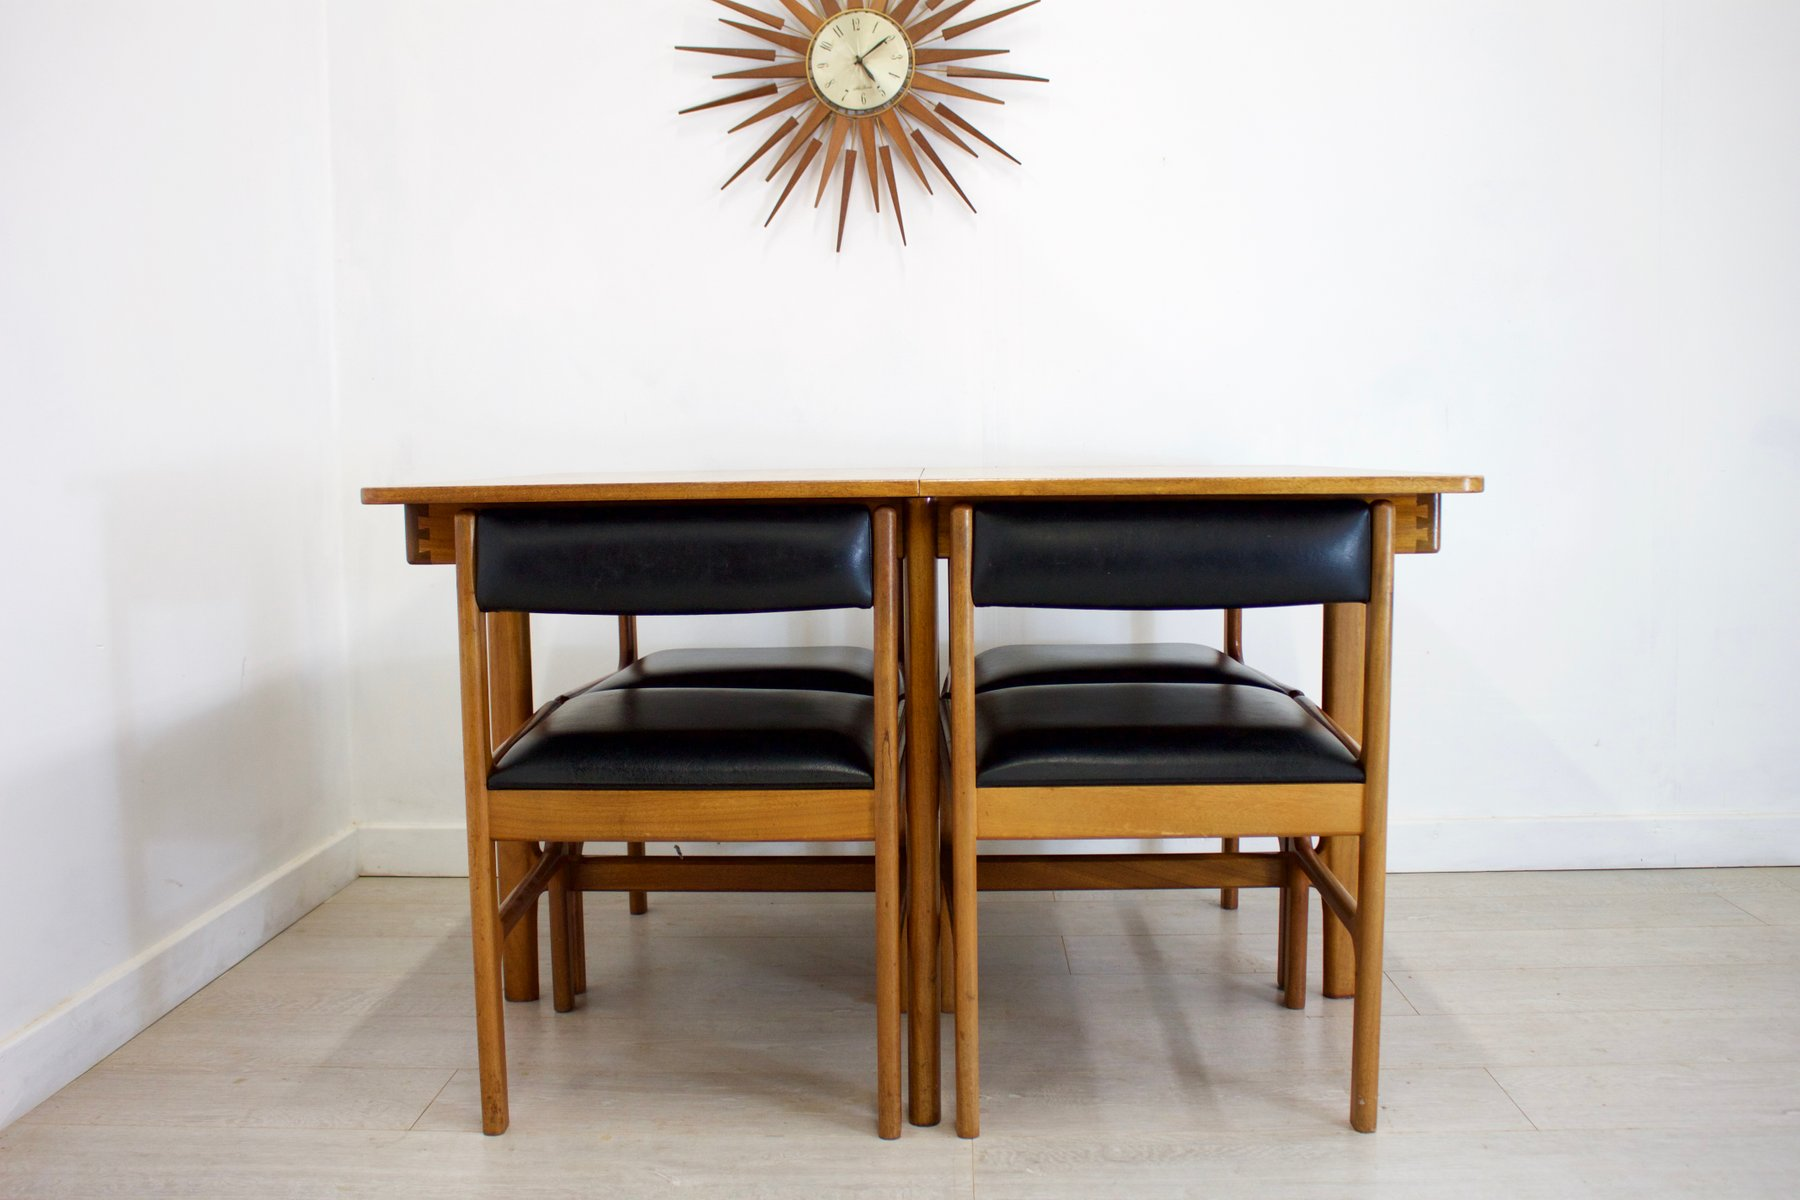 ausziehbarer mid century esstisch aus teak mit 4 st hlen. Black Bedroom Furniture Sets. Home Design Ideas